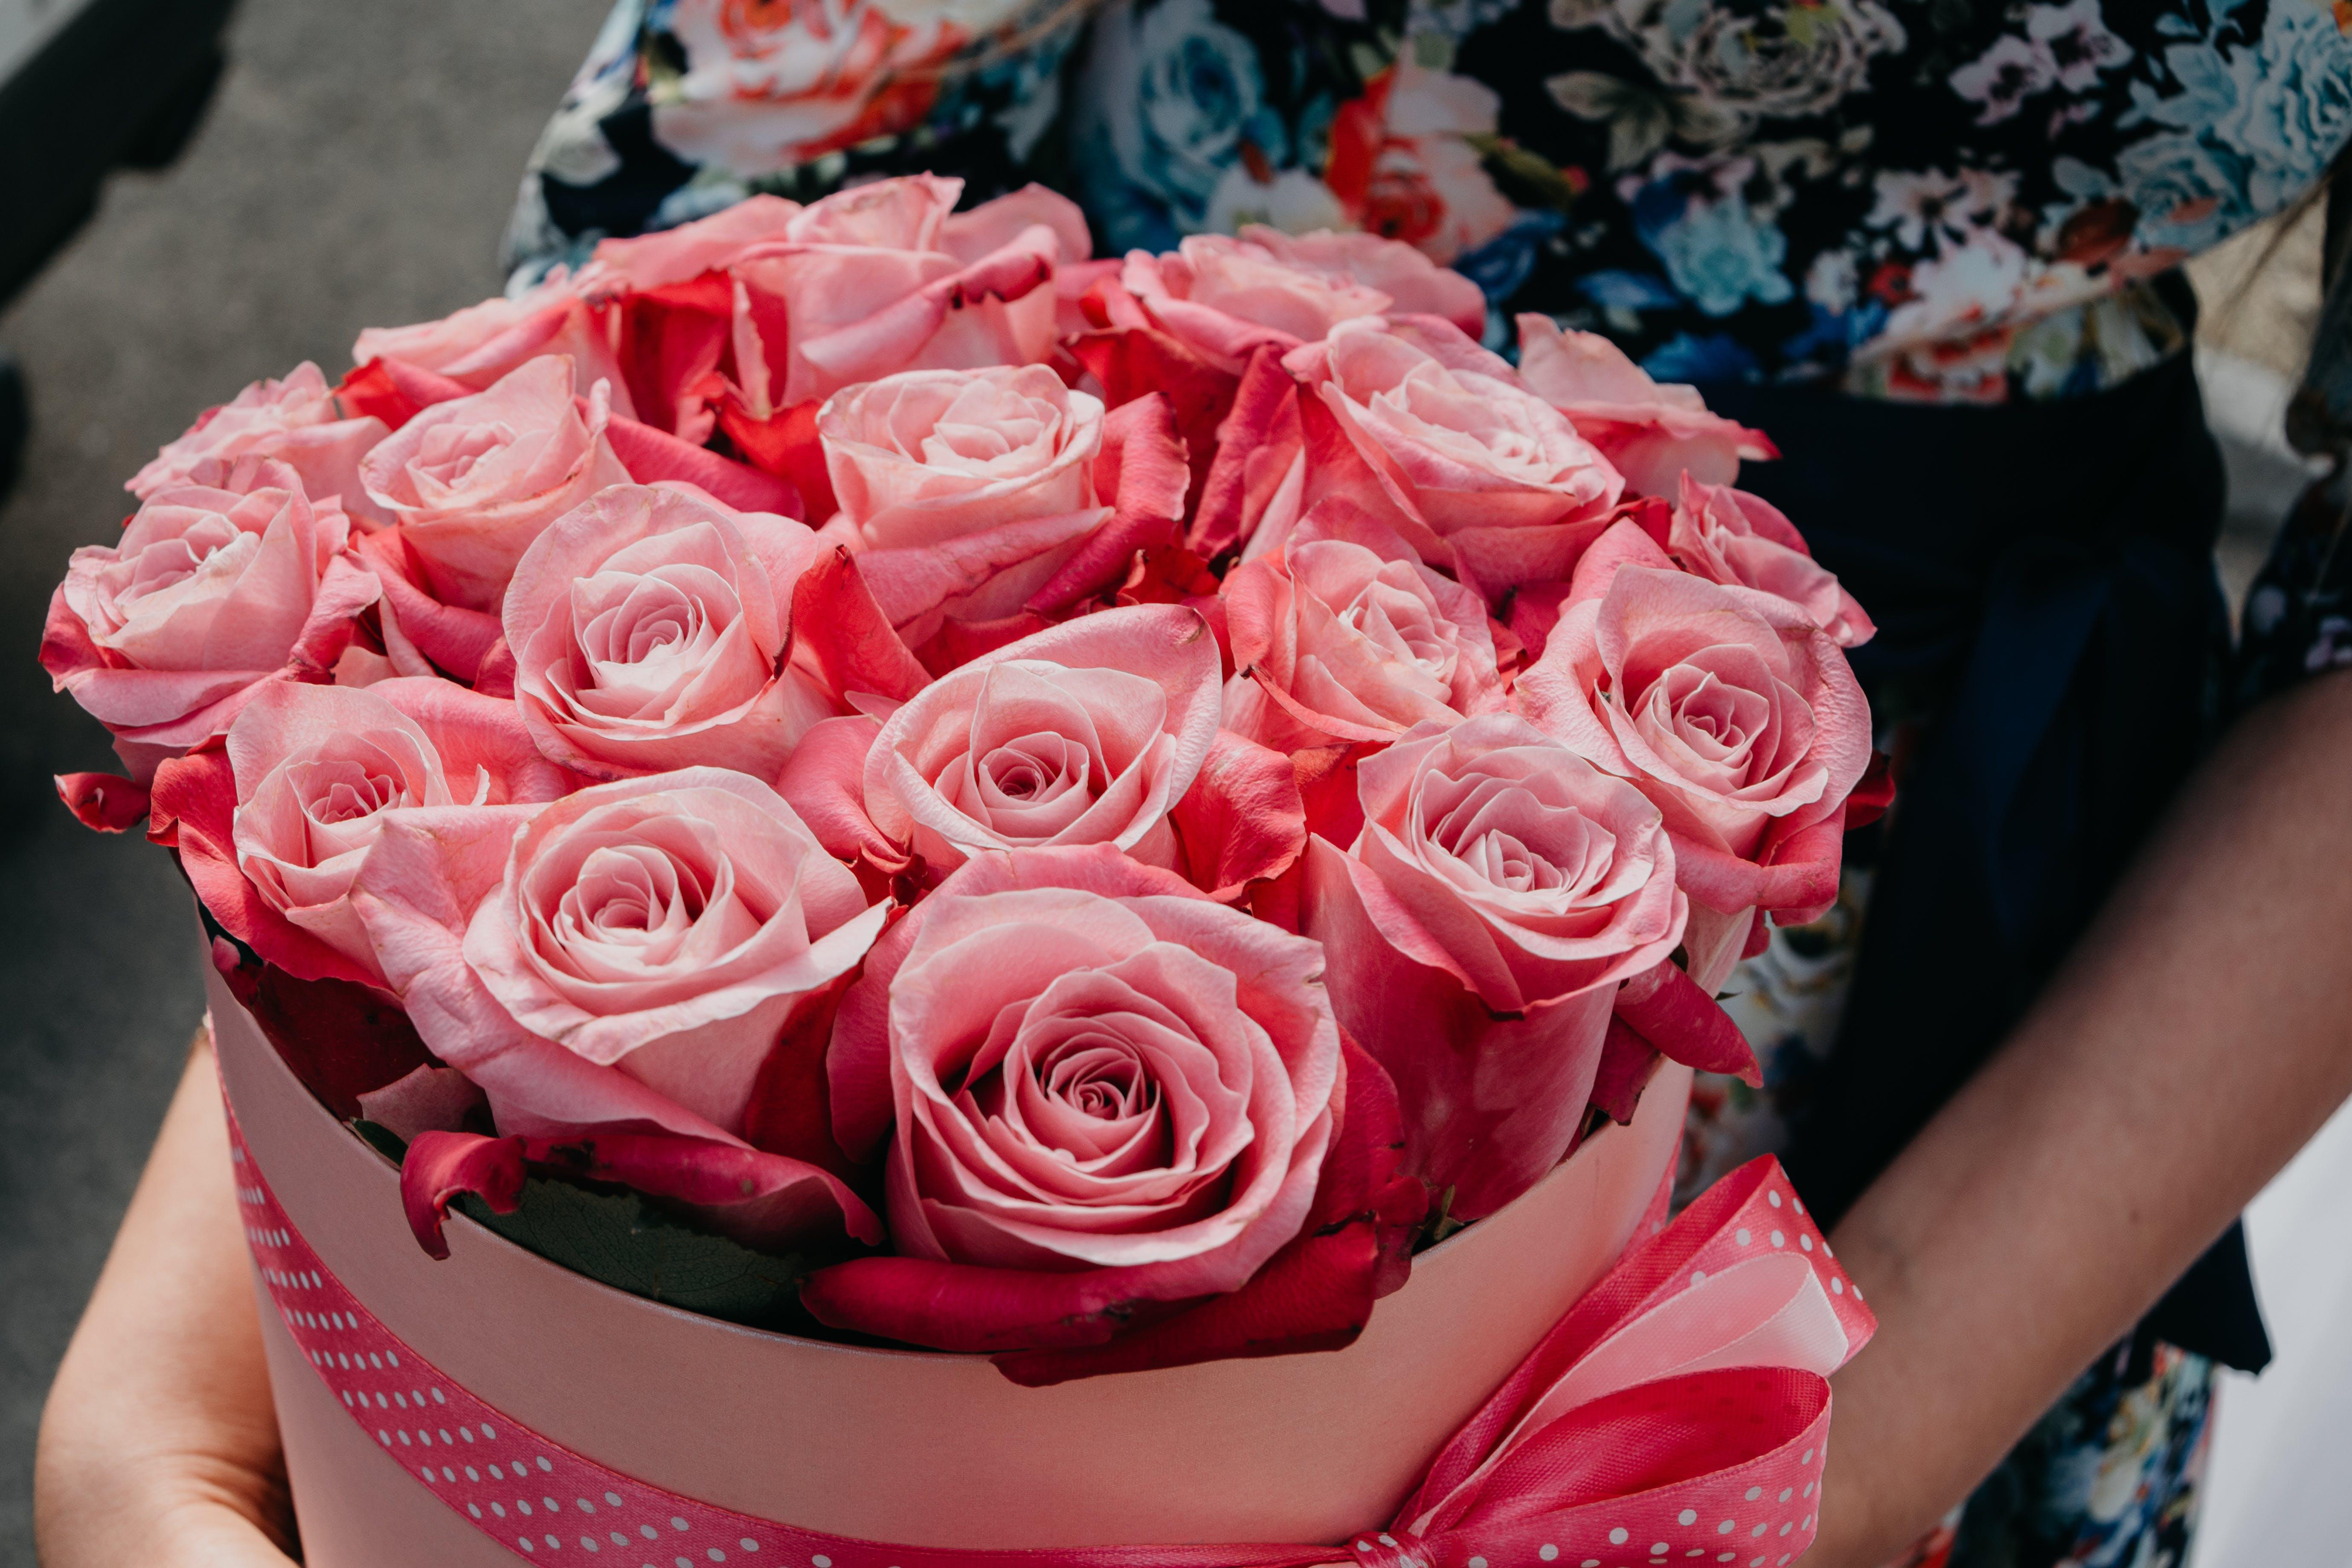 Δωρεάν στοκ φωτογραφιών με αγάπη, ανθίζω, άνθος, γιορτή